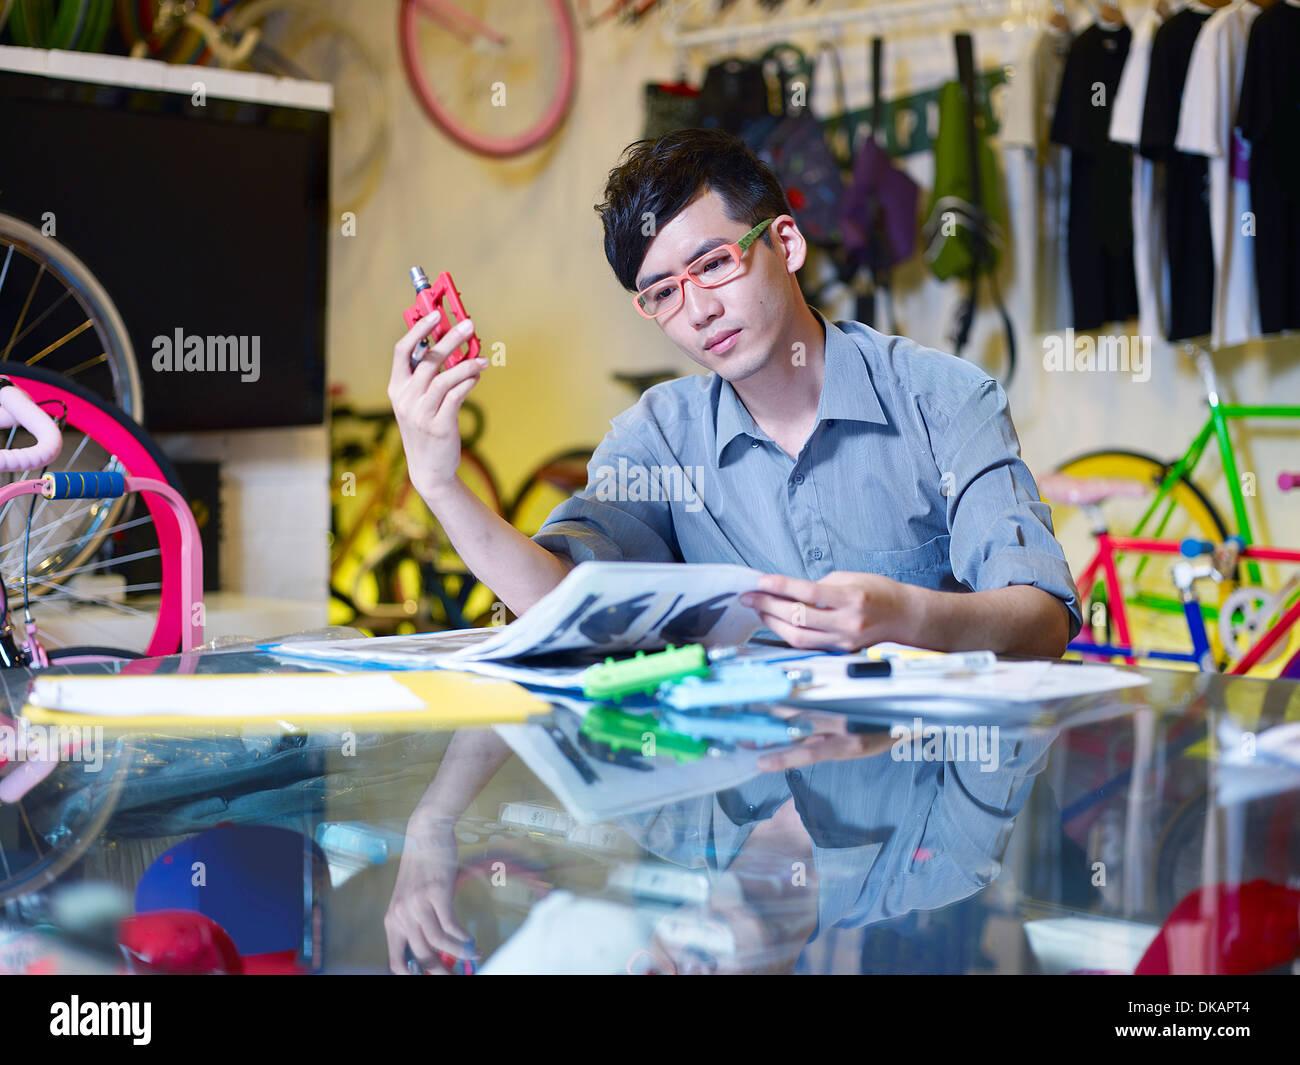 Giovane uomo esaminando parte di bicicletta in bike shop Immagini Stock